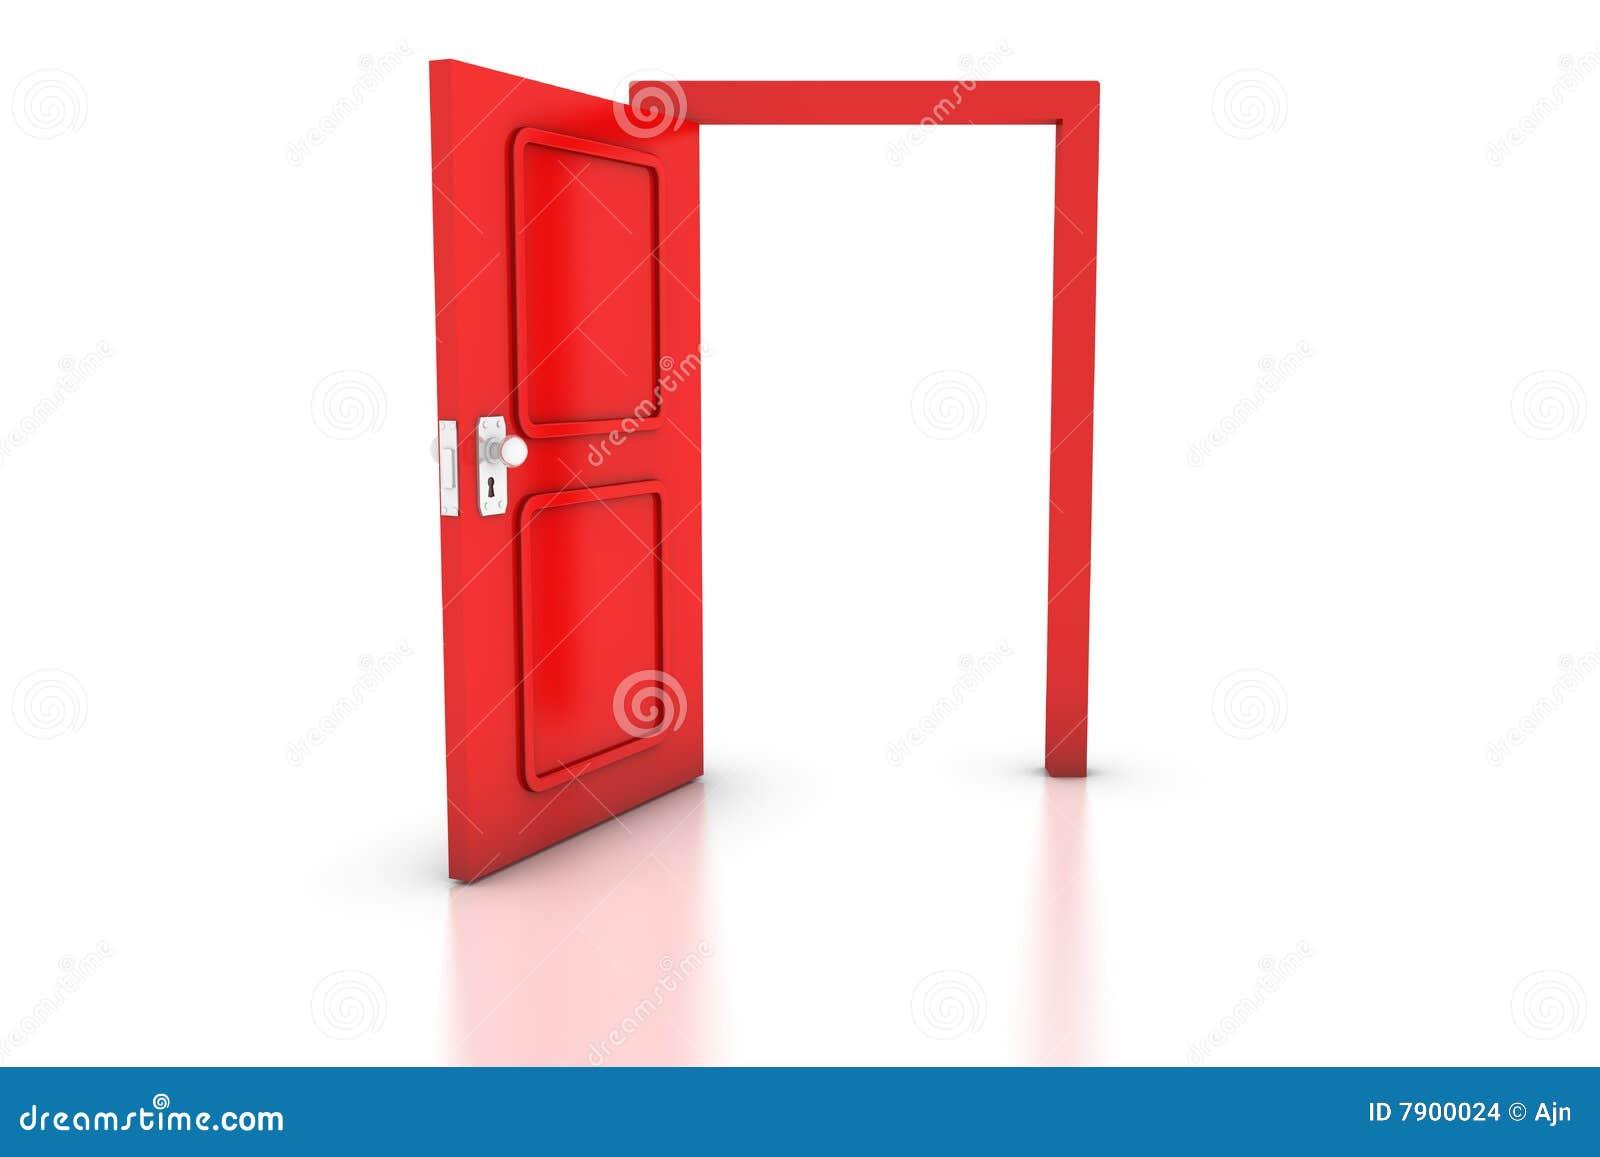 Open Door Clipart Open Red Door